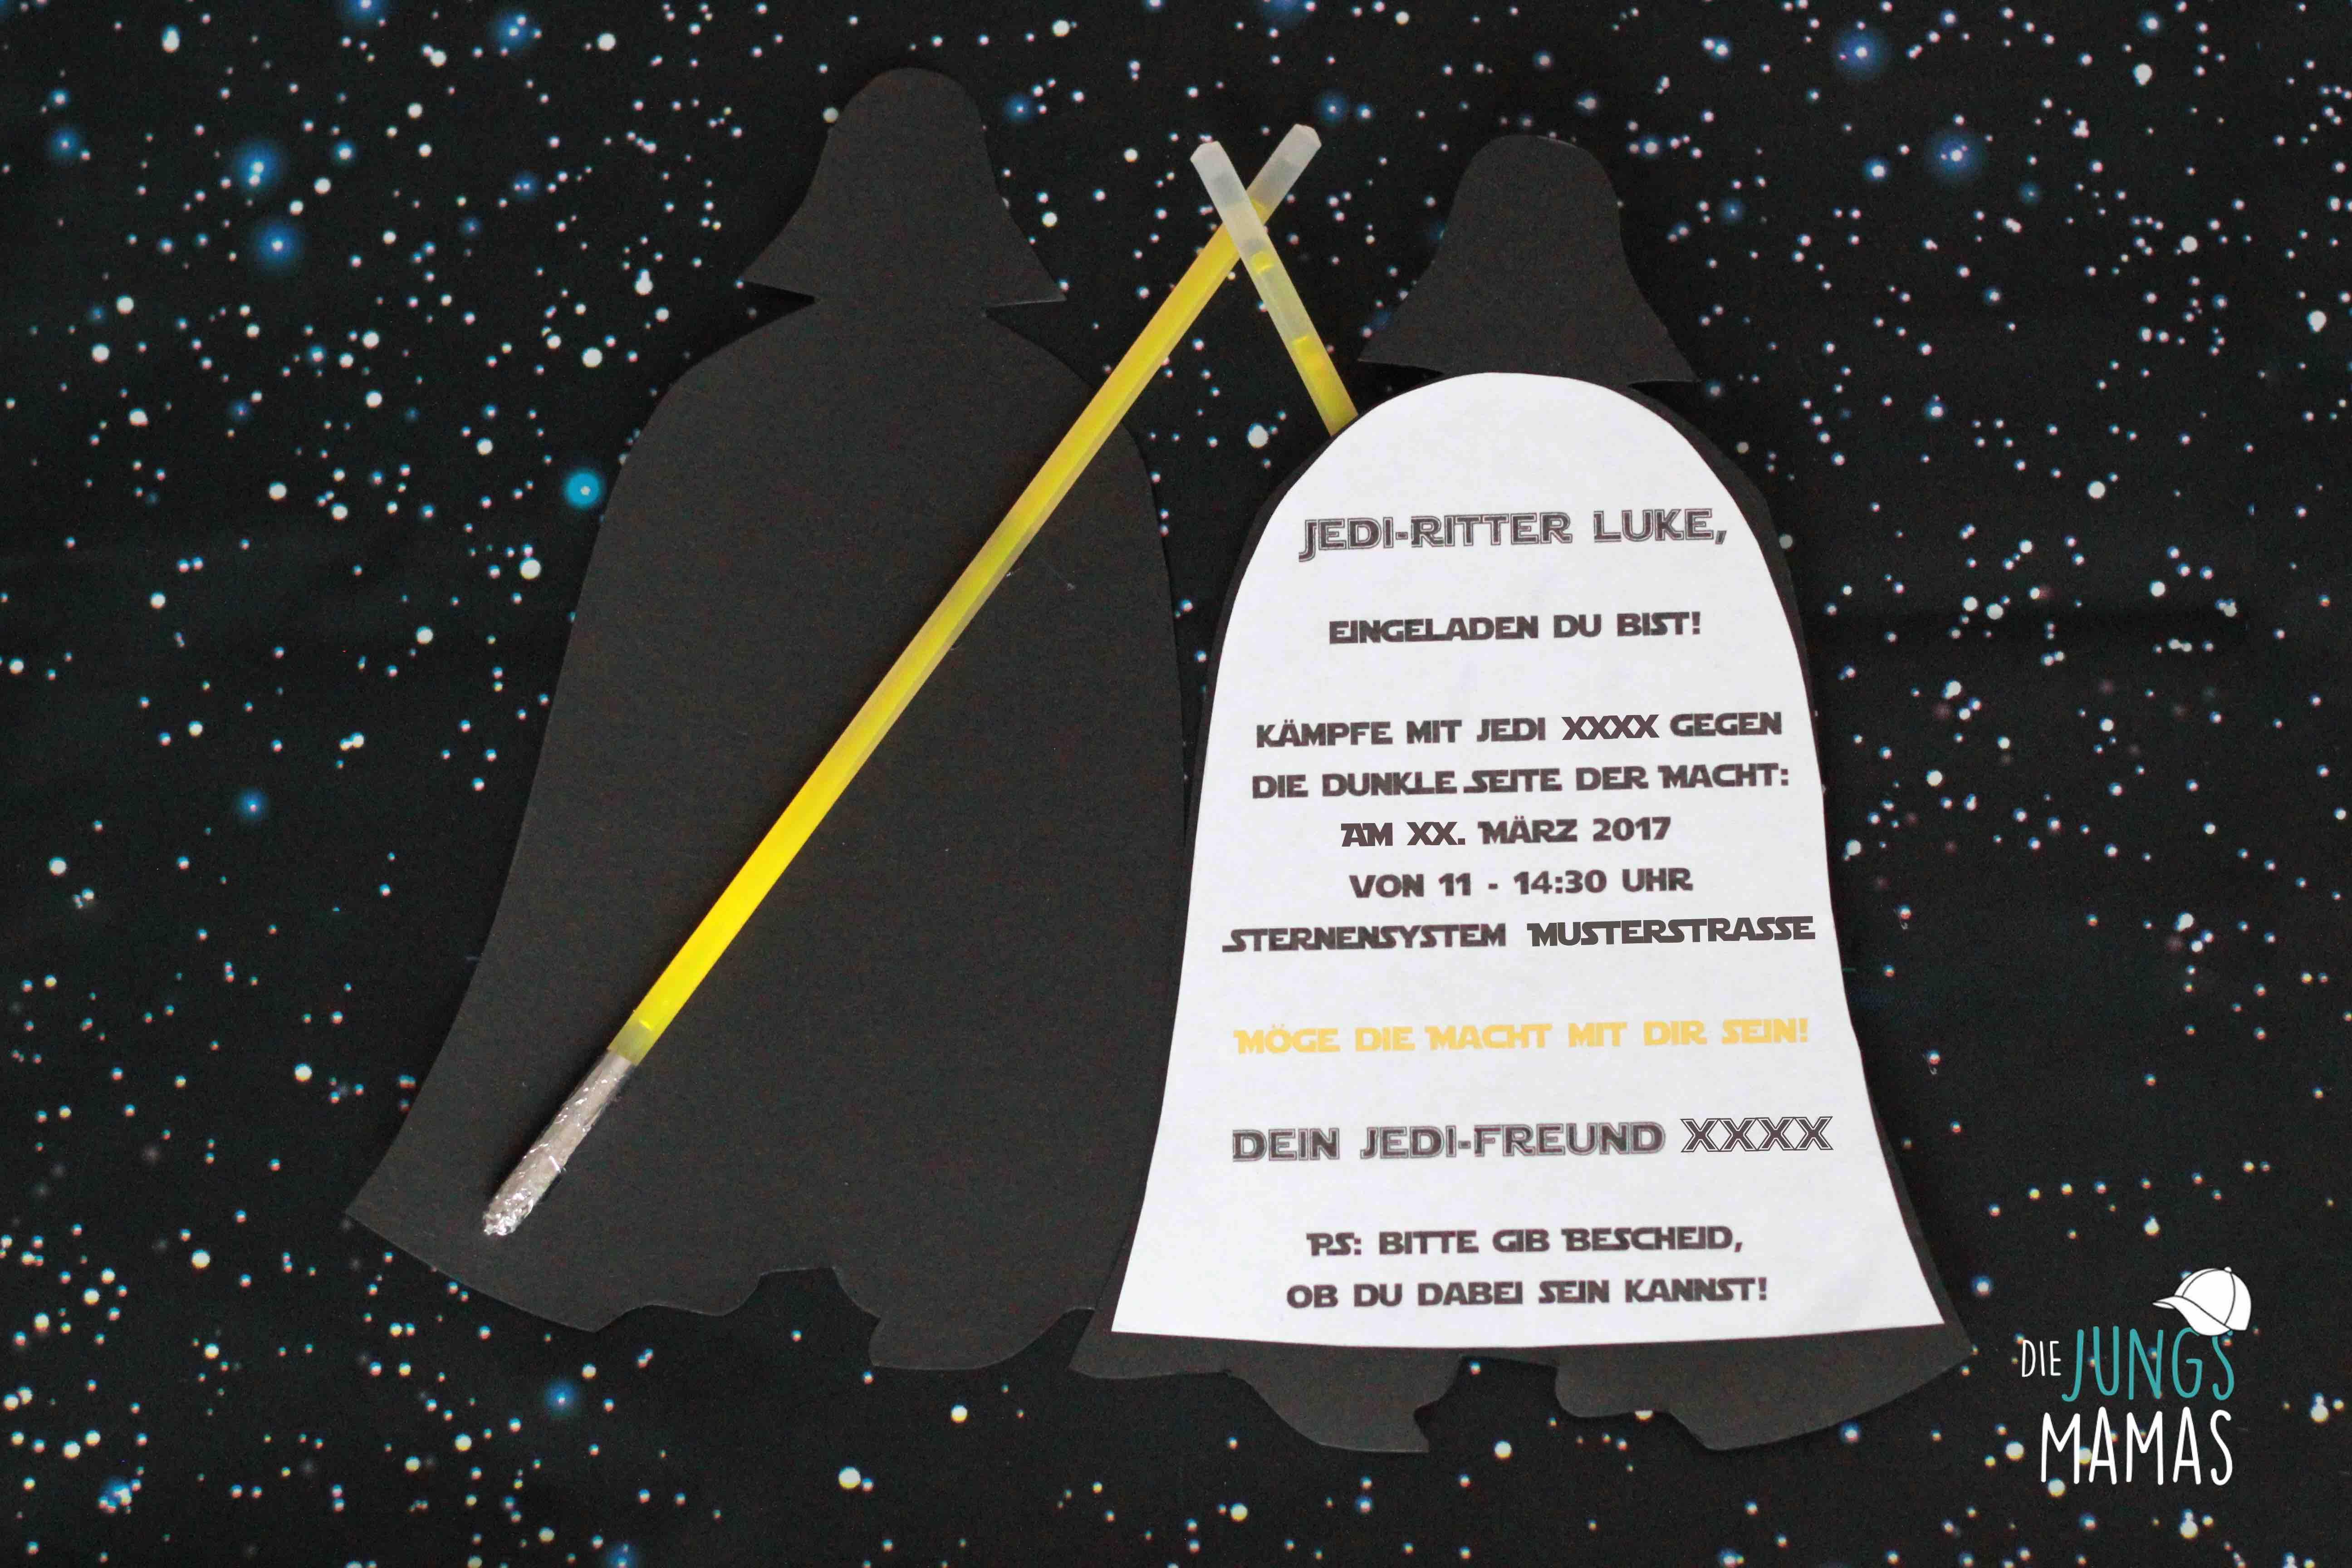 Star Wars Einladung Darth Vader Vorder  Und Rückseite _ Die JungsMamas